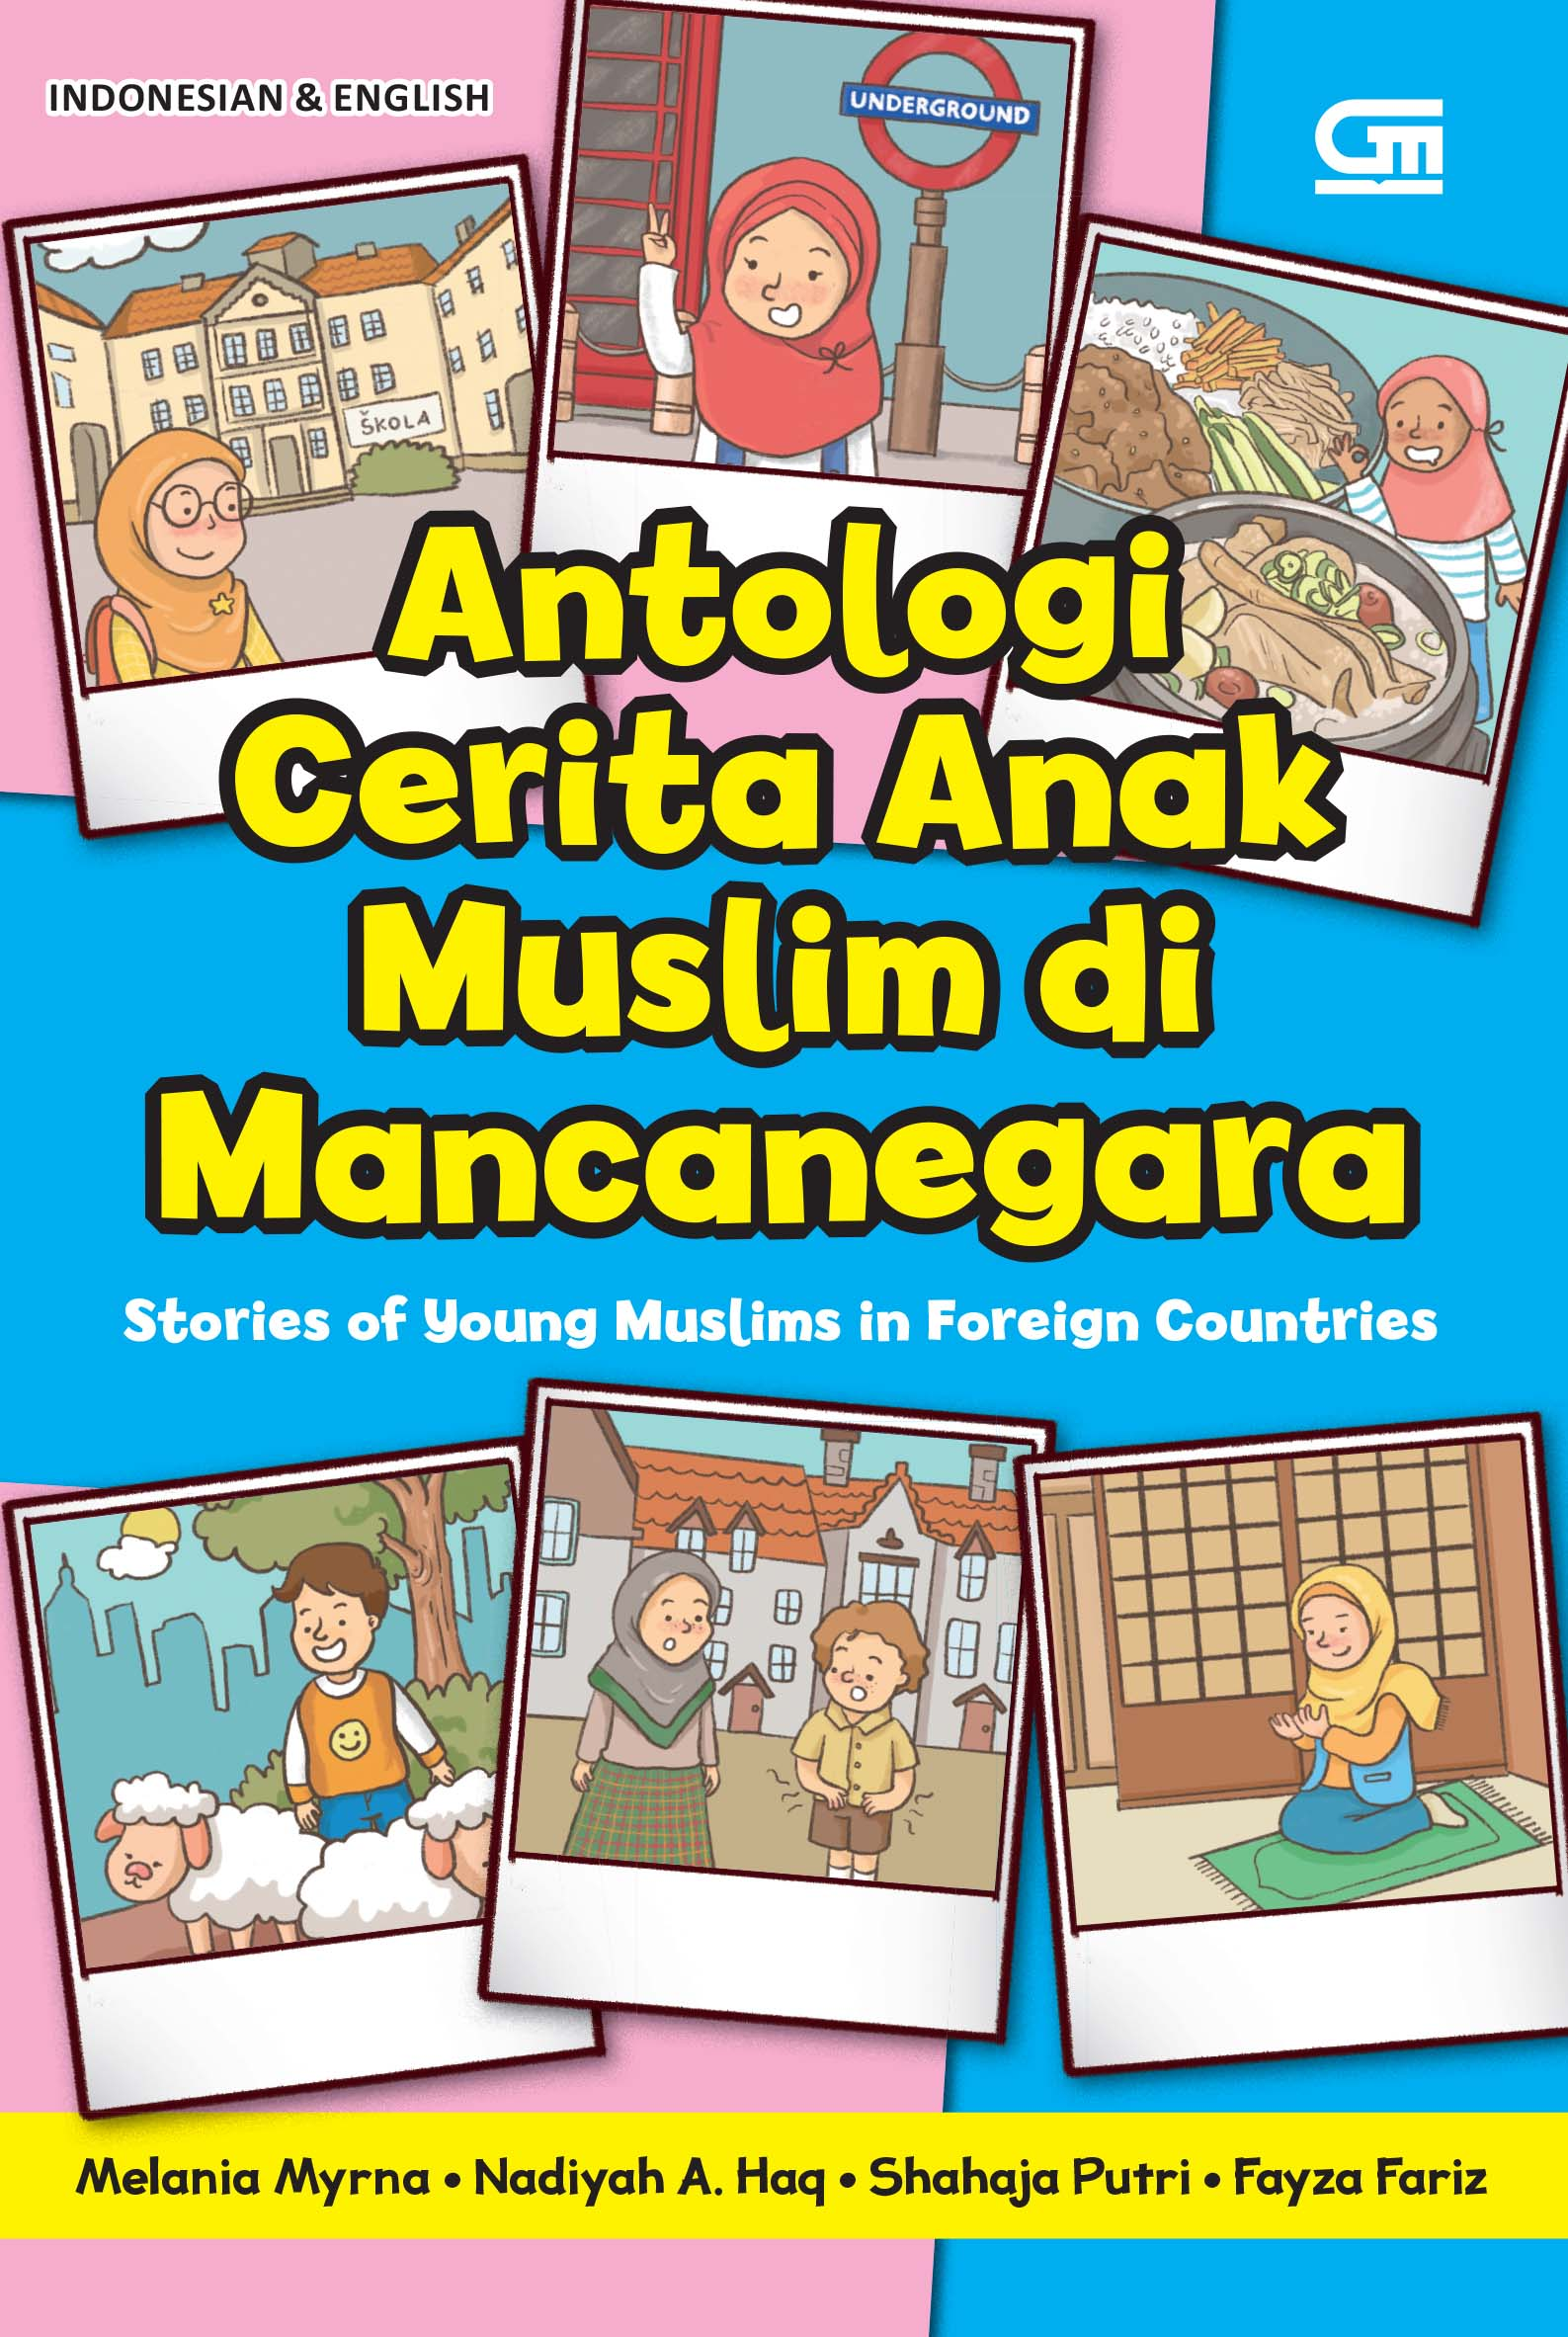 Antologi Cerita Anak Muslim di Mancanegara - Stories of Young Muslims in Foreign Countries